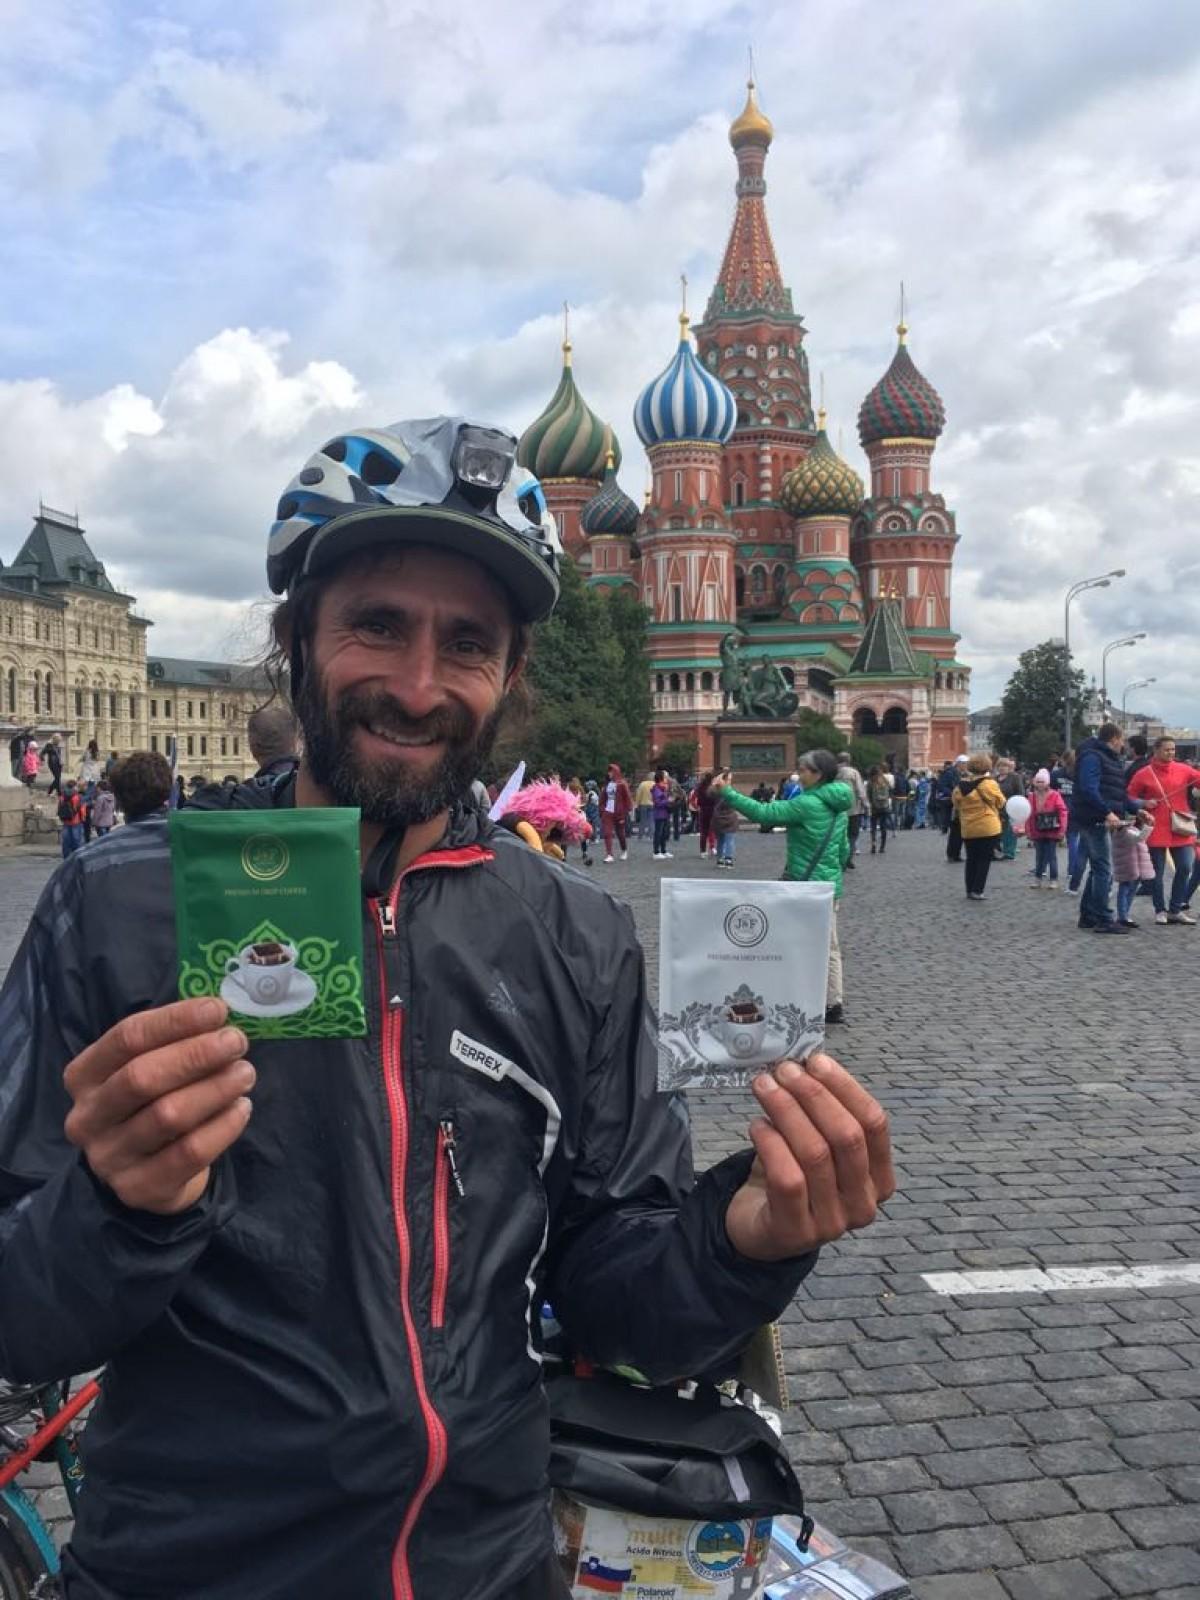 Matyas Amaya Bersepeda ke Rusia Mendukung Argentina